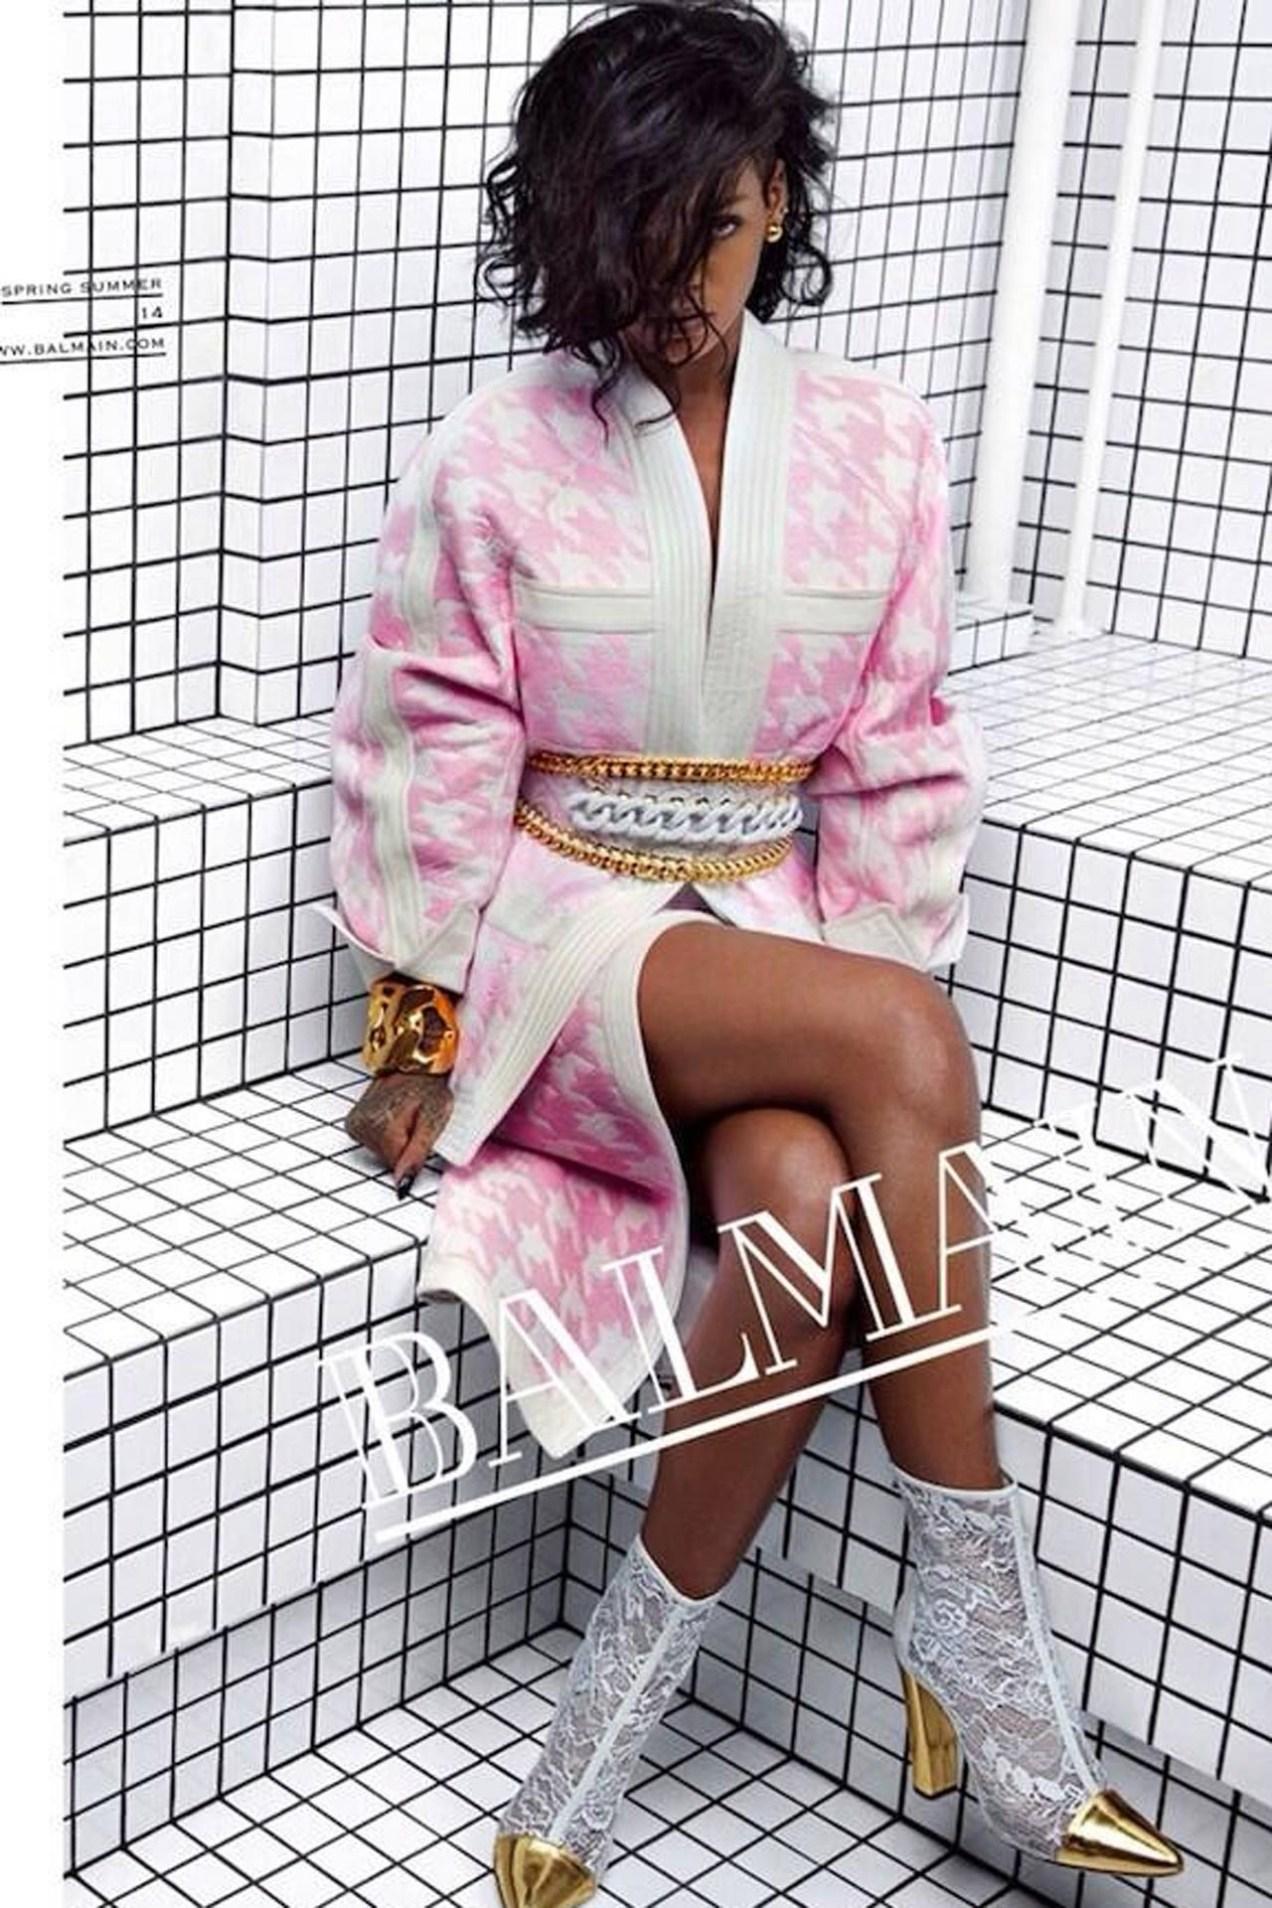 Fashion Icon Rihanna for Balmain